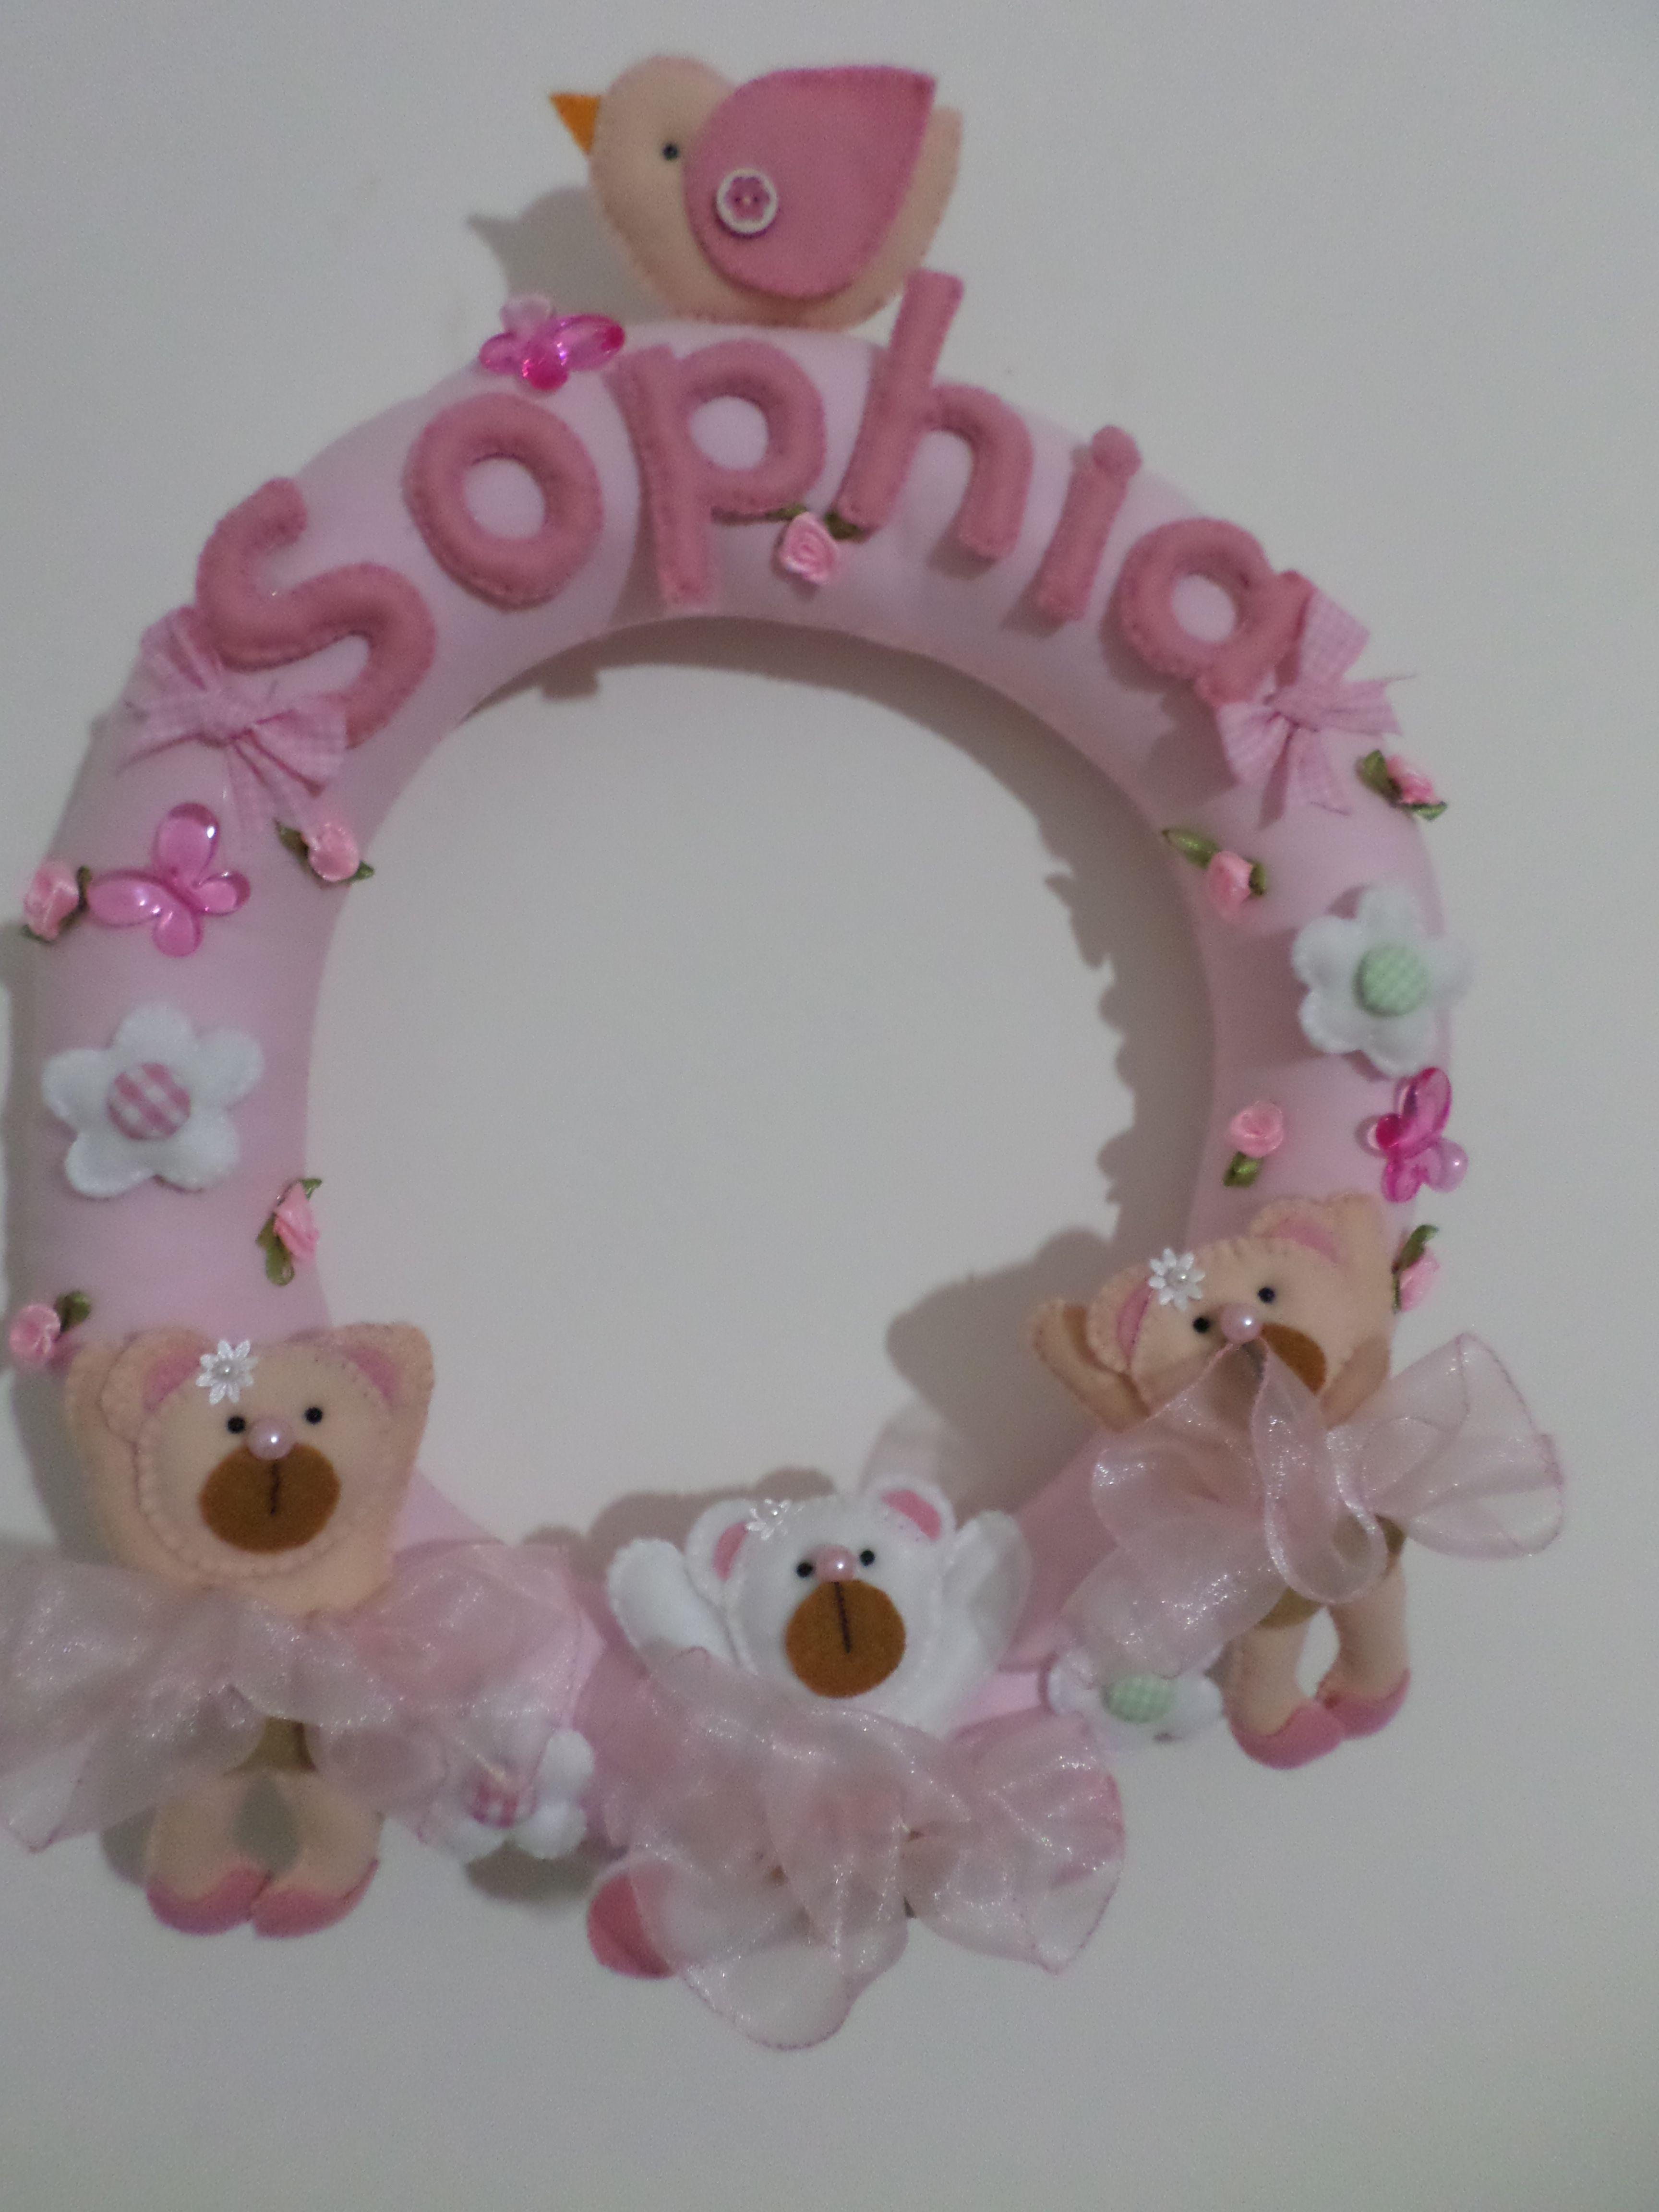 http://floresdivertidas.wordpress.com Guirlanda de ursinhas bailarinas